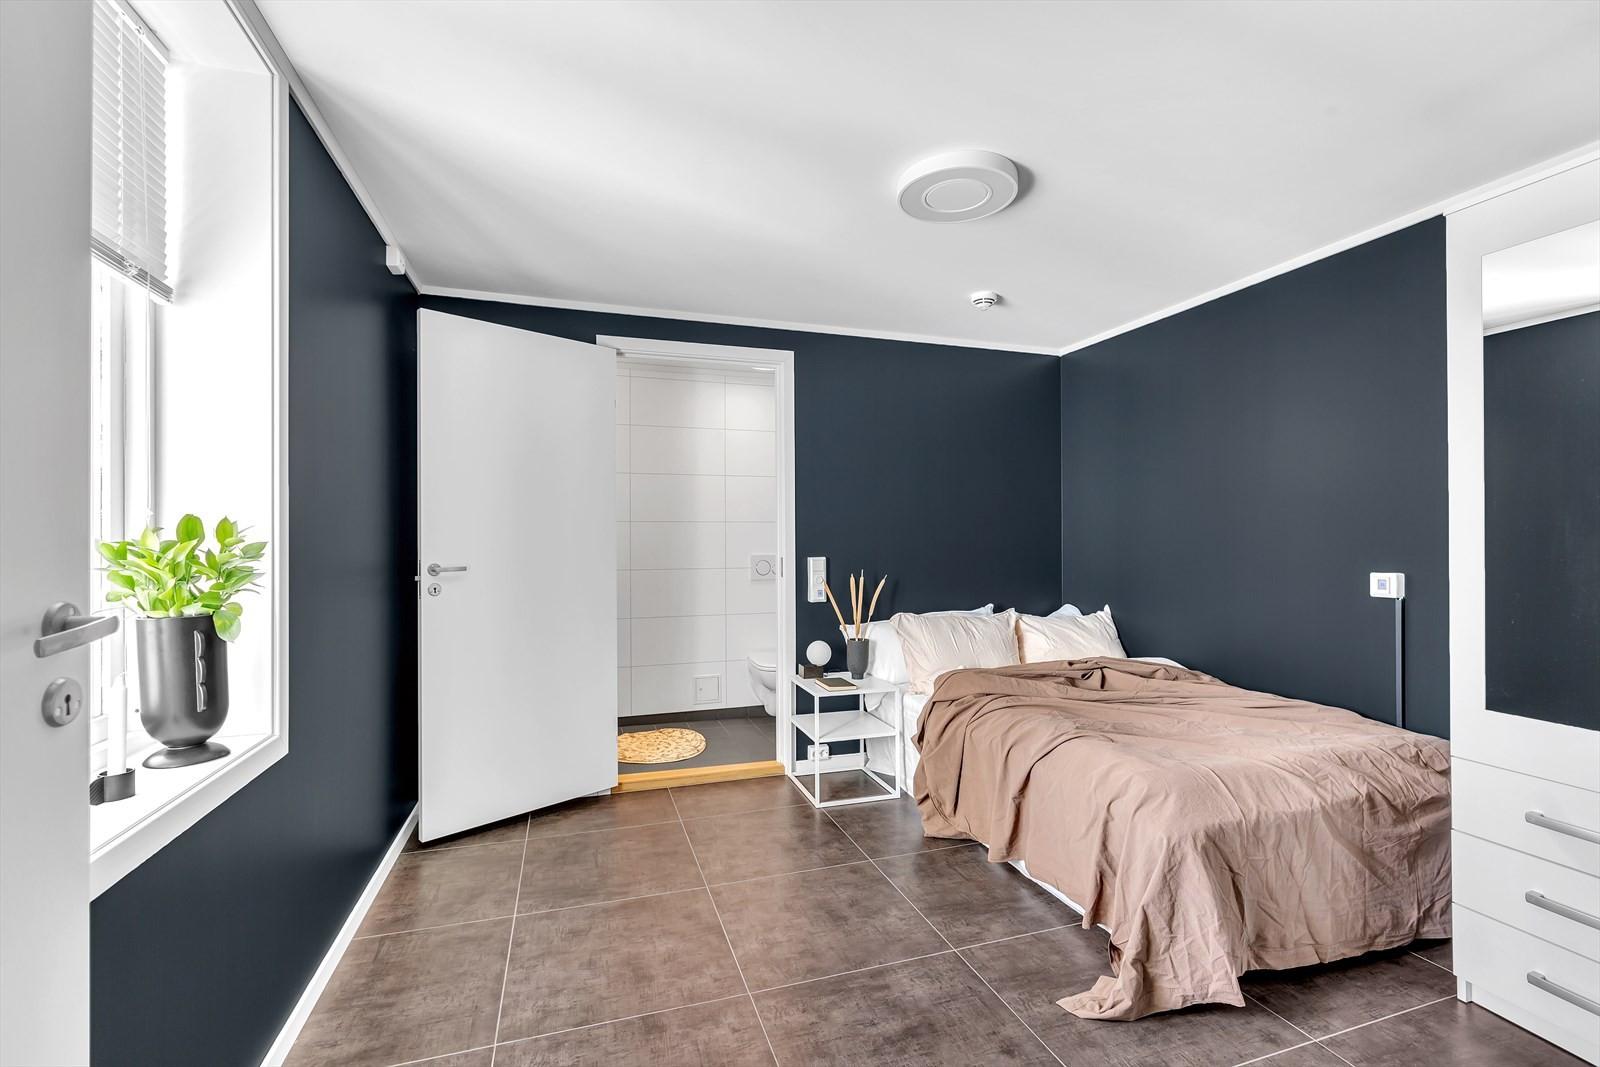 Rommet har egen bad